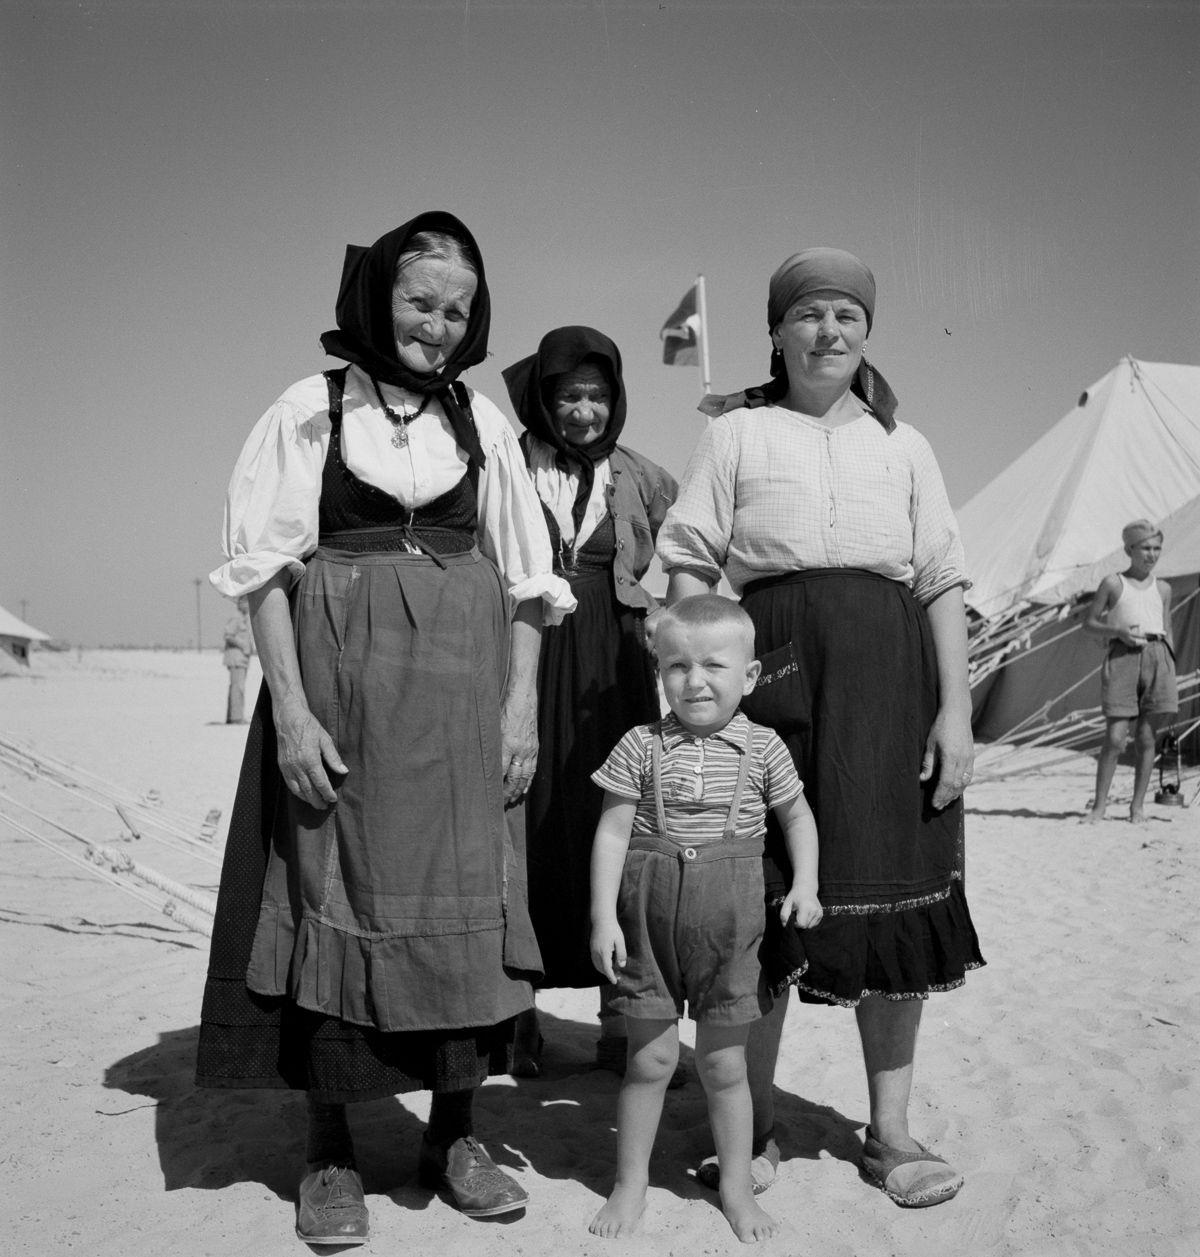 Quando os refugiados fugiram da Europa devastada pela guerra buscando paraísos no Oriente Médio 04